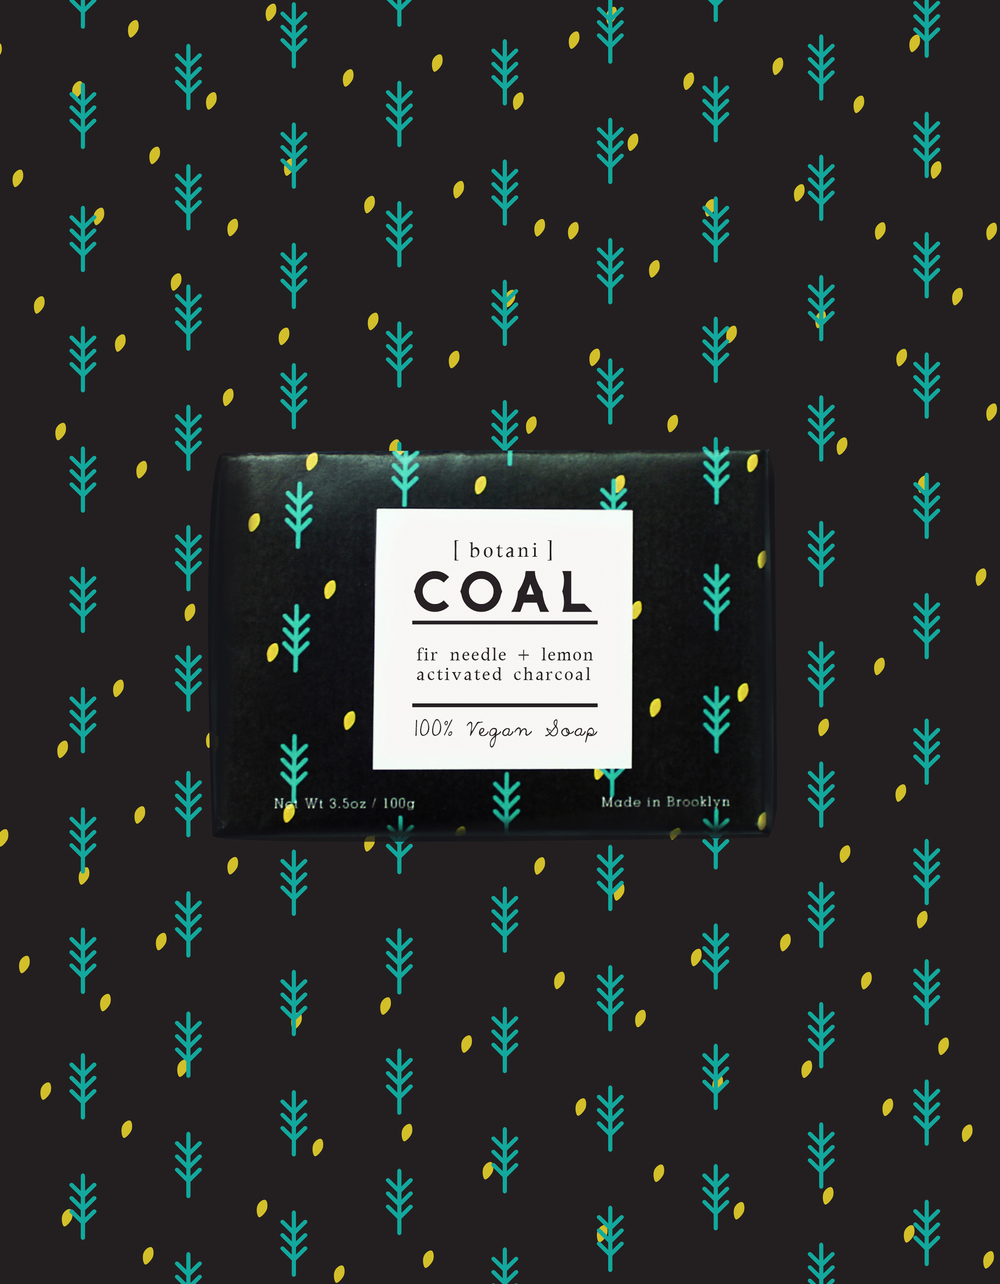 _COAL_1B.jpg